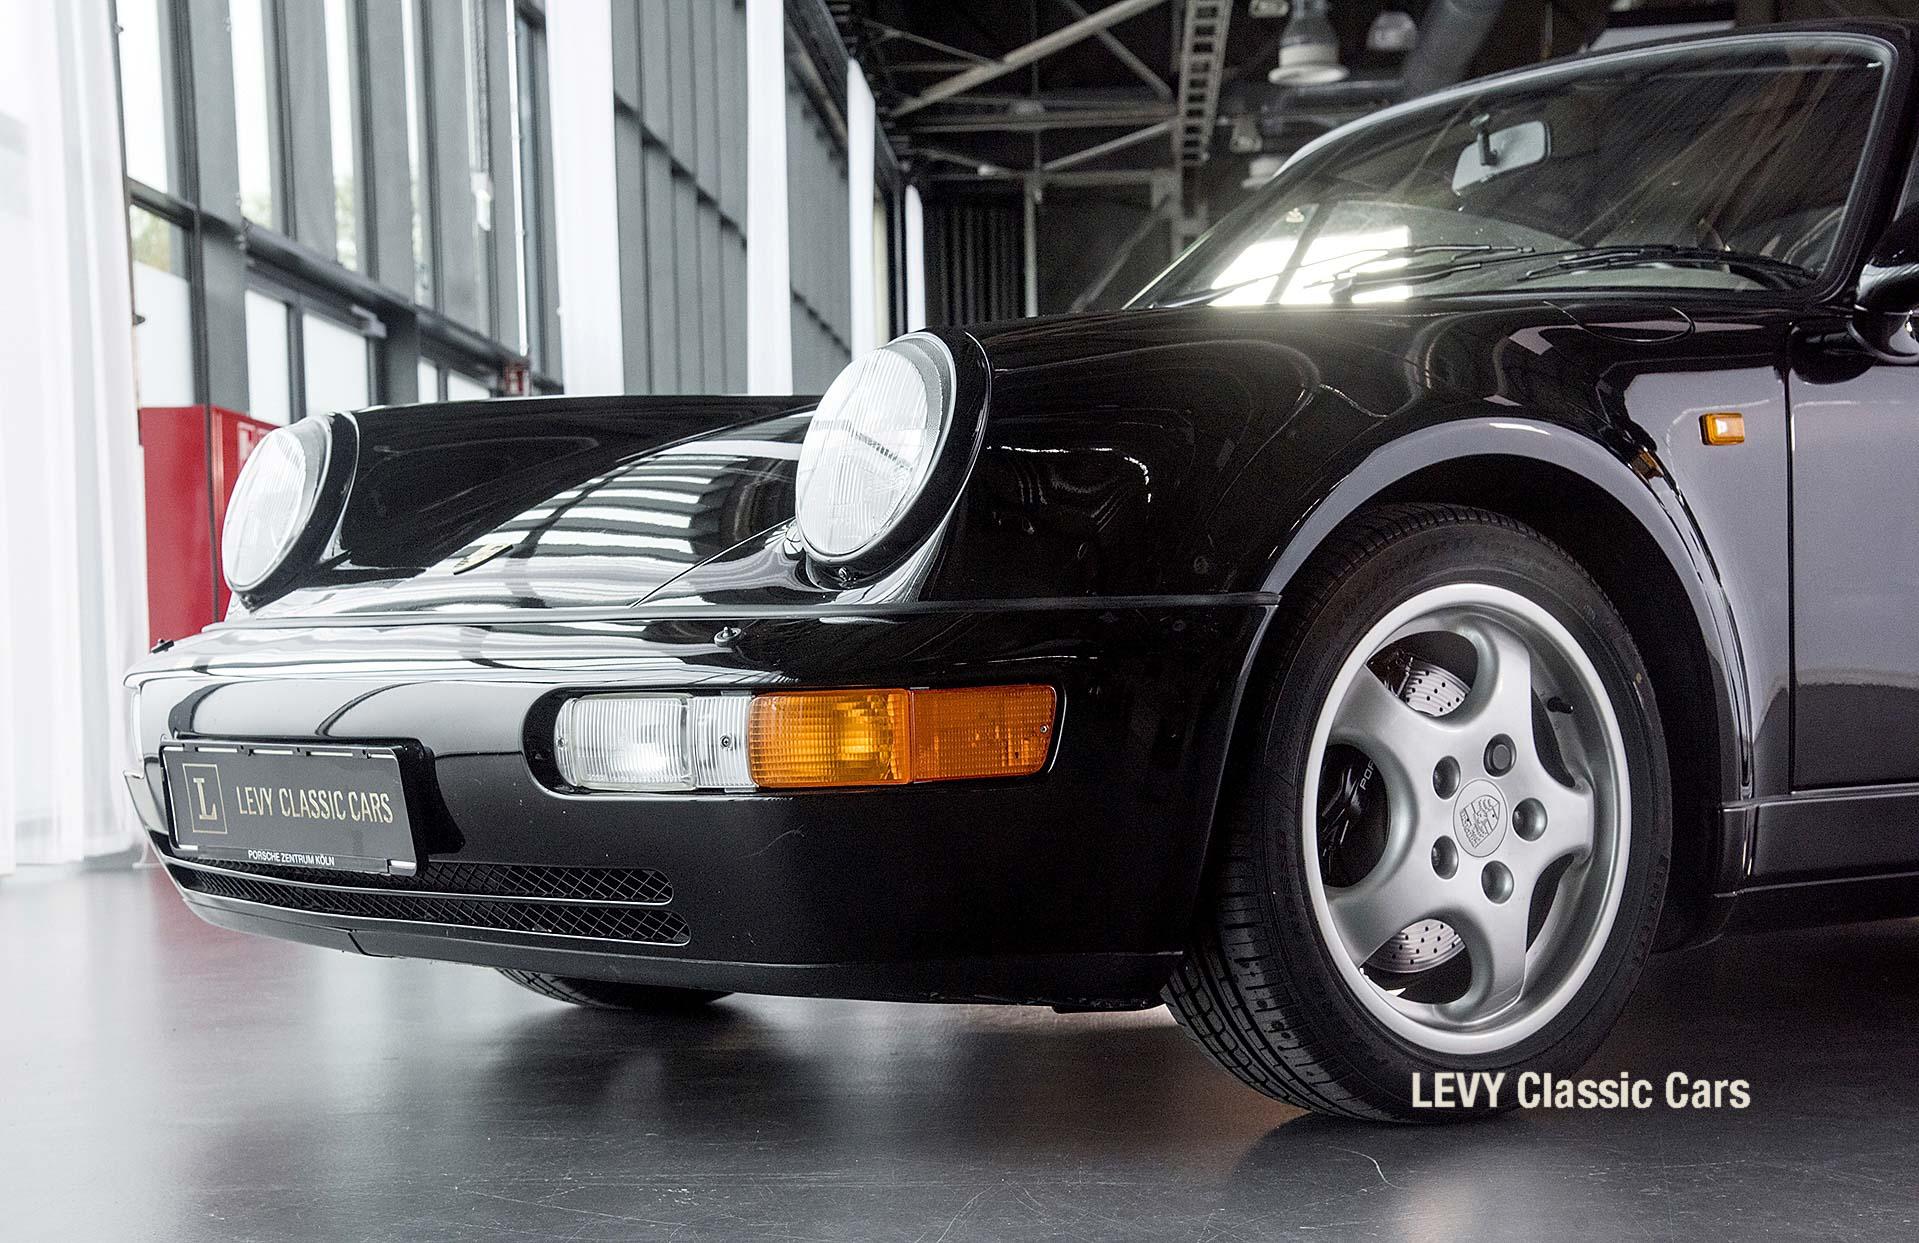 Porsche Turbo 72200 schwarz 67